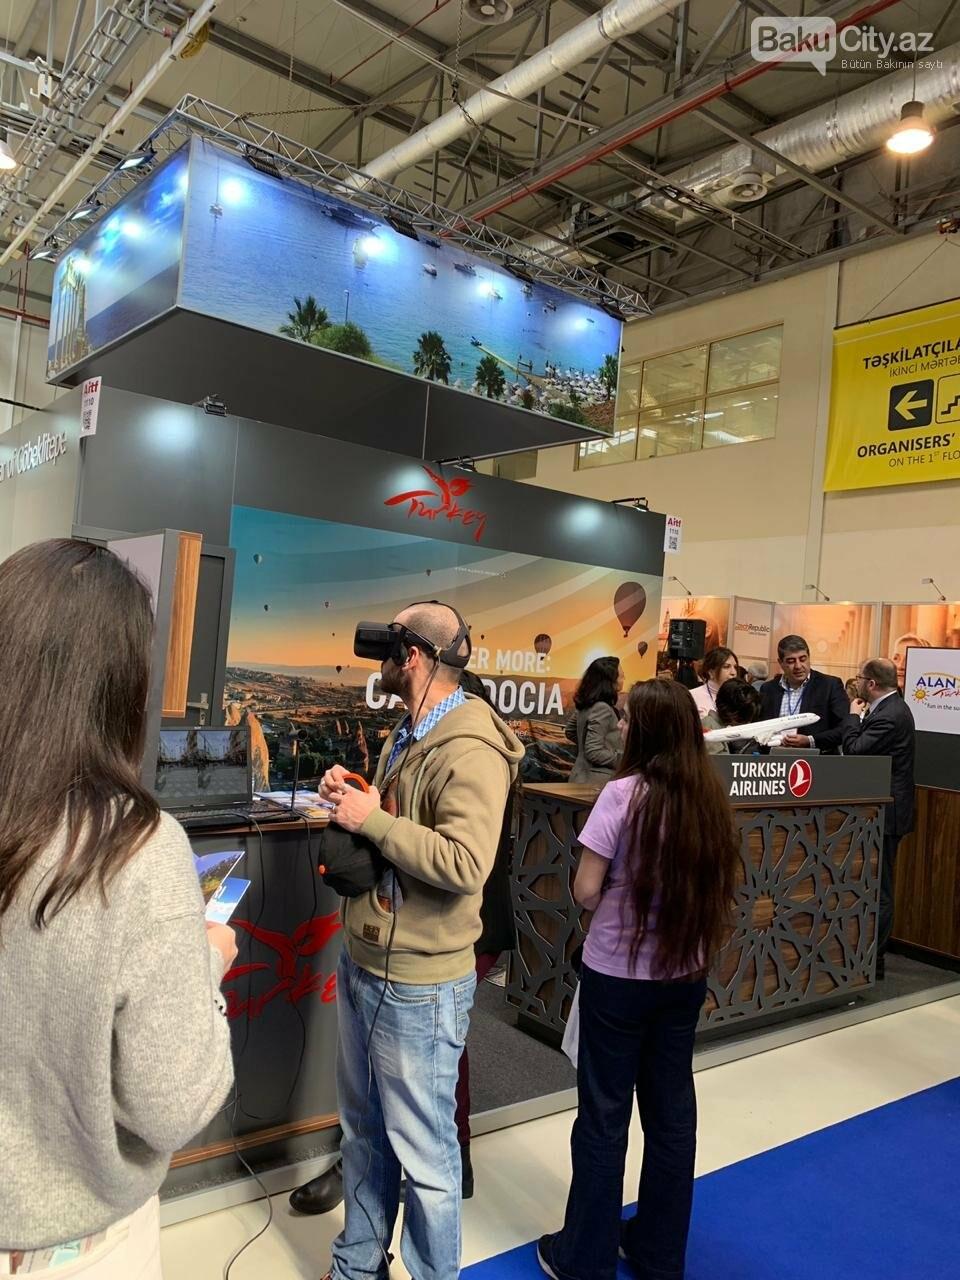 Bakıda keçirilən AITF 2019 davam edir - FOTO, fotoşəkil-10